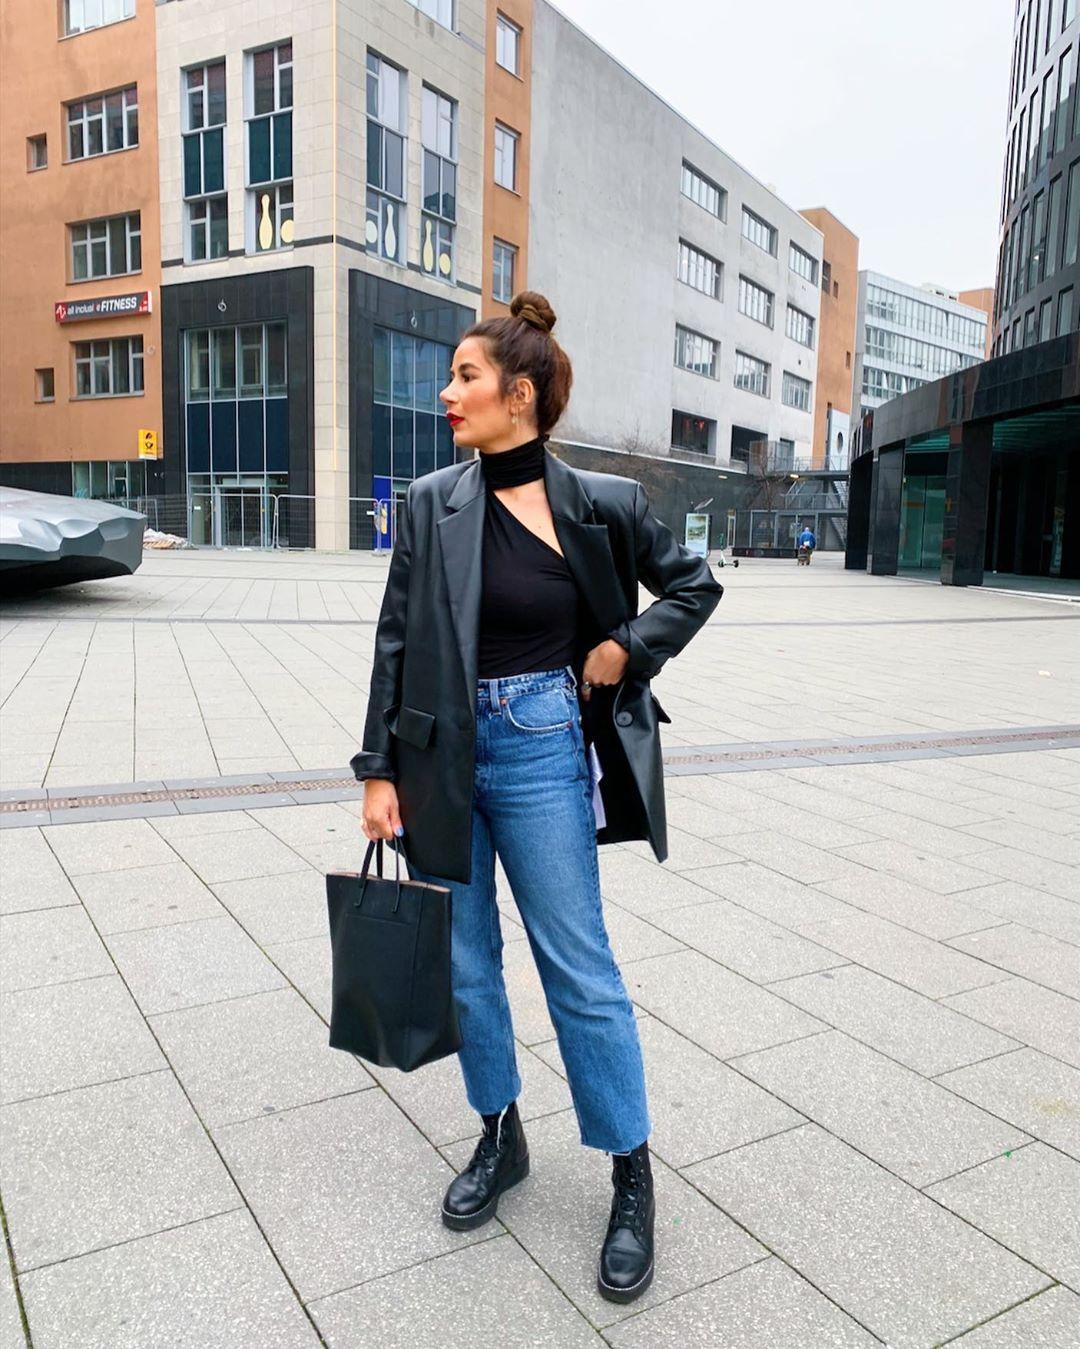 asymmetrical high neck sweater de Zara sur tataass_